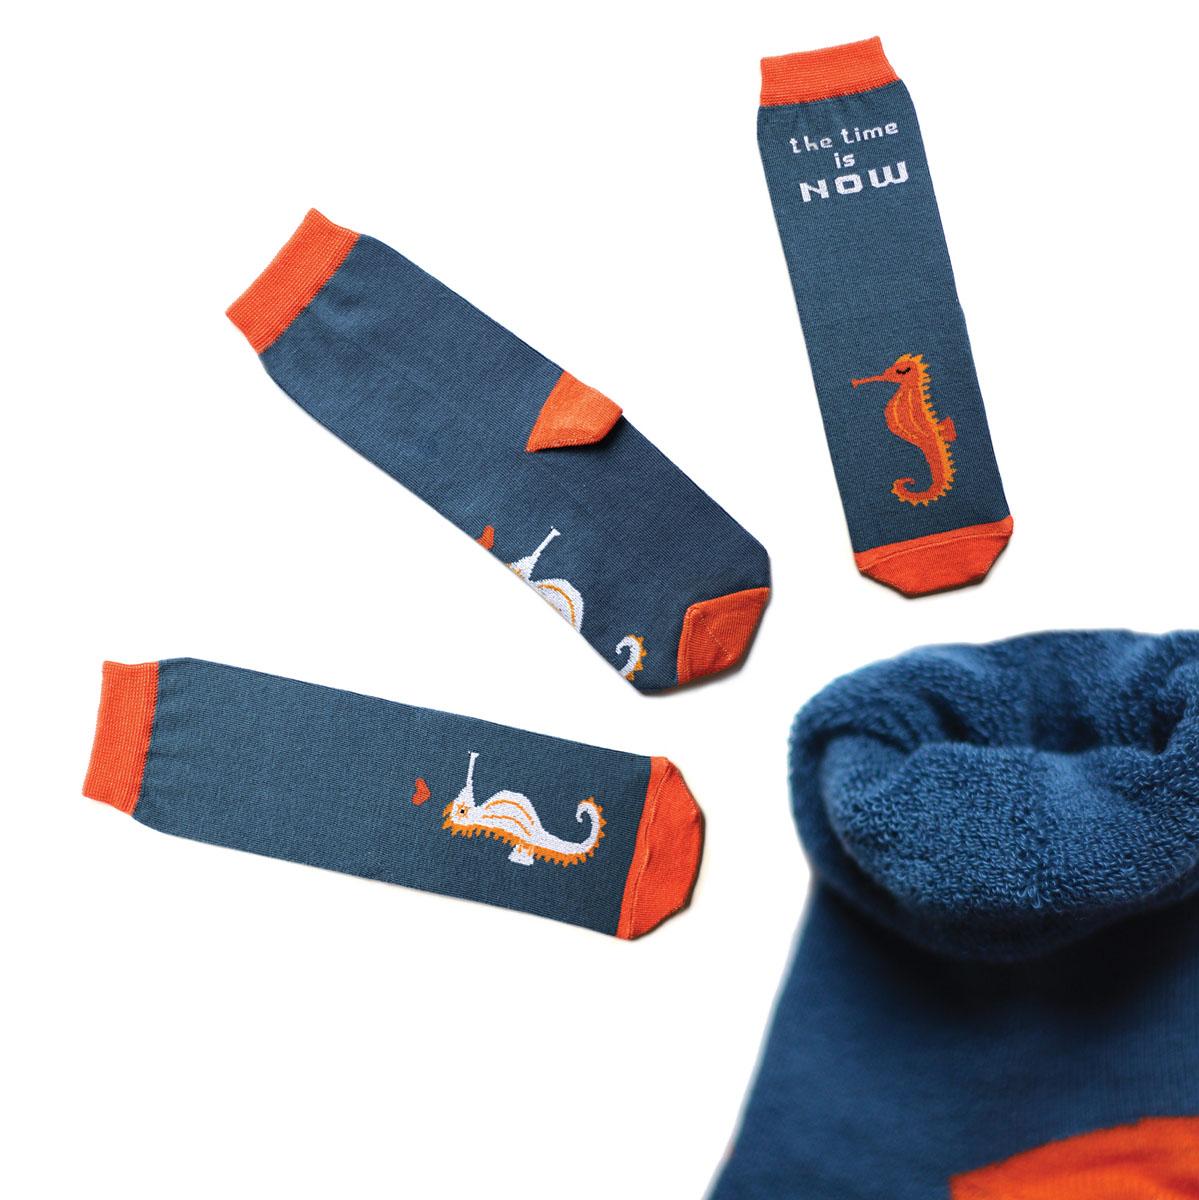 Носки женские Big Bang Socks, цвет: темно-синий, терракотовый. ca1923. Размер 35/39ca1923Яркие женские носки Big Bang Socks изготовлены из высококачественного хлопка с добавлением полиамидных и эластановых волокон, которые обеспечивают великолепную посадку. Носки отличаются ярким стильным дизайном. Они оформлены изображением морского конька и надписью на английском языке. Удобная резинка идеально облегает ногу и не пережимает сосуды, усиленные пятка и мысок повышают износоустойчивость носка, а удлиненный паголенок придает более эстетичный вид. Дизайнерские носки Big Bang Socks - яркая деталь в вашем образе и оригинальный подарок для друзей и близких.